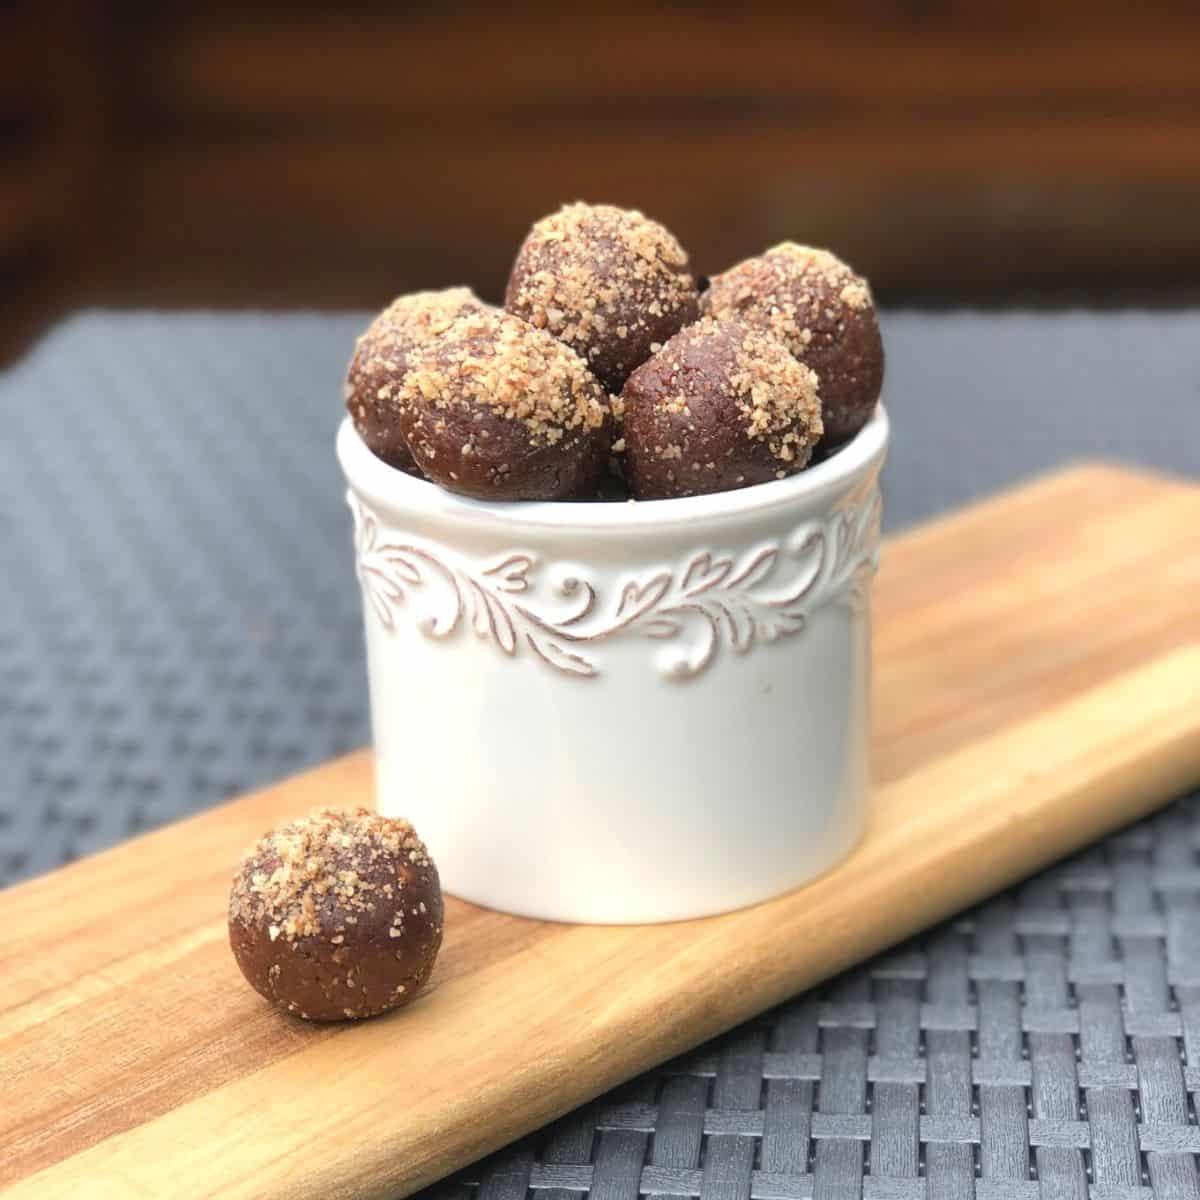 chia balls in a white bowl